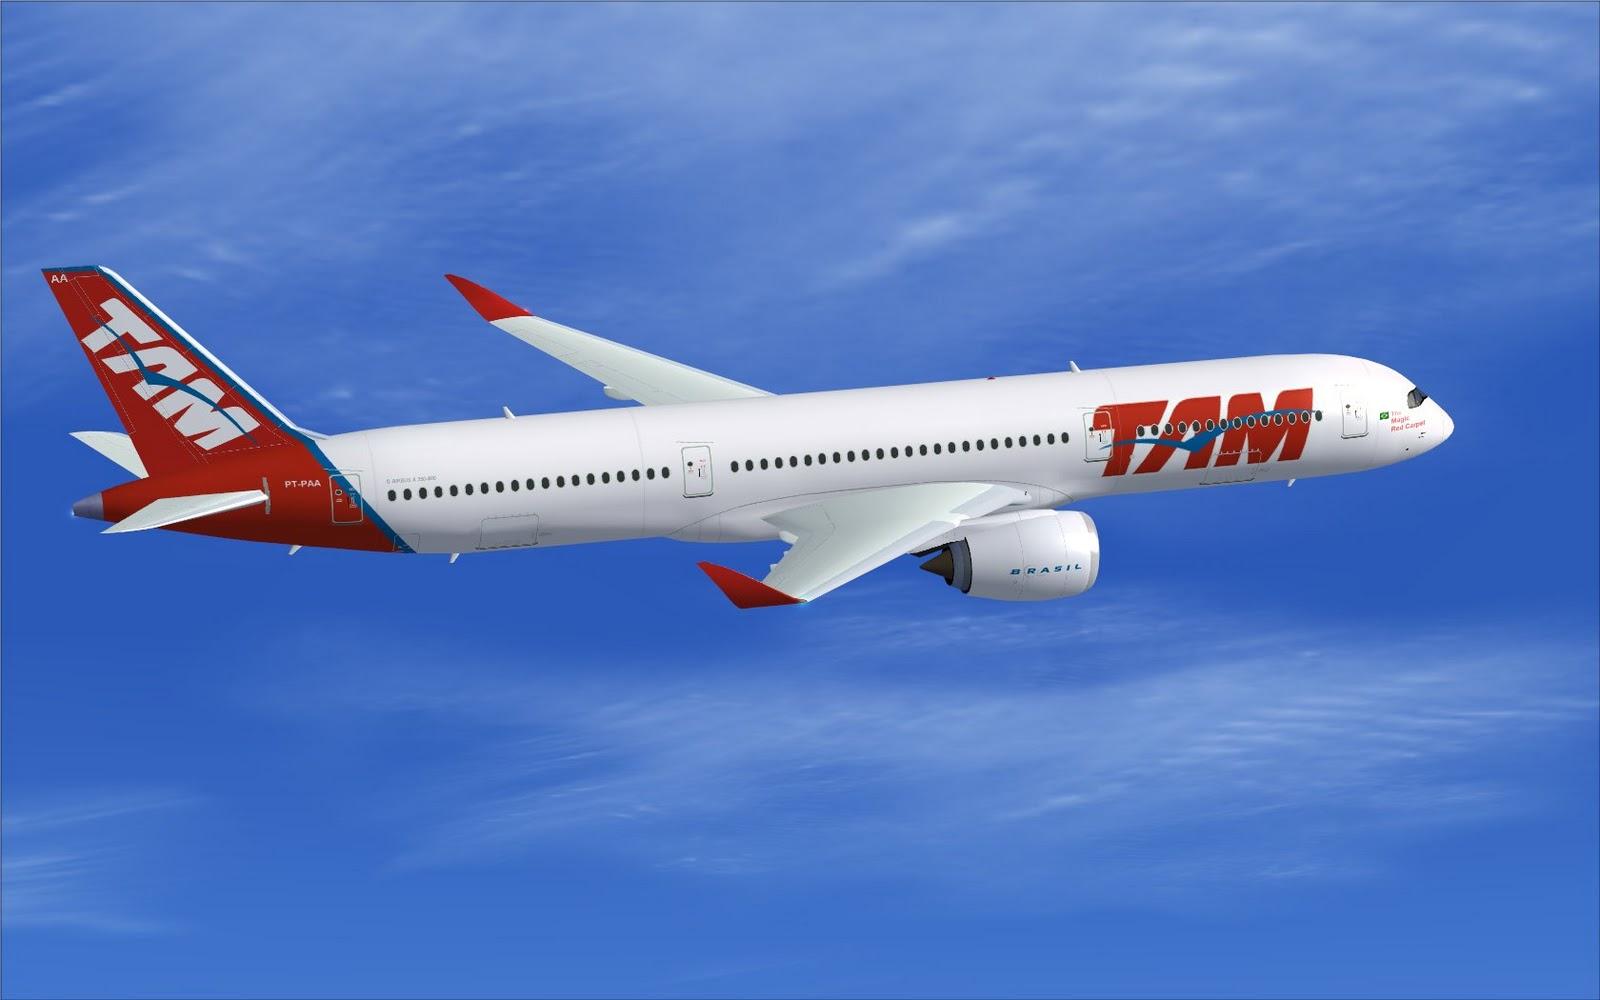 TAM vai reduzir 10% dos seus voos por causa da crise. Rota Rio ...